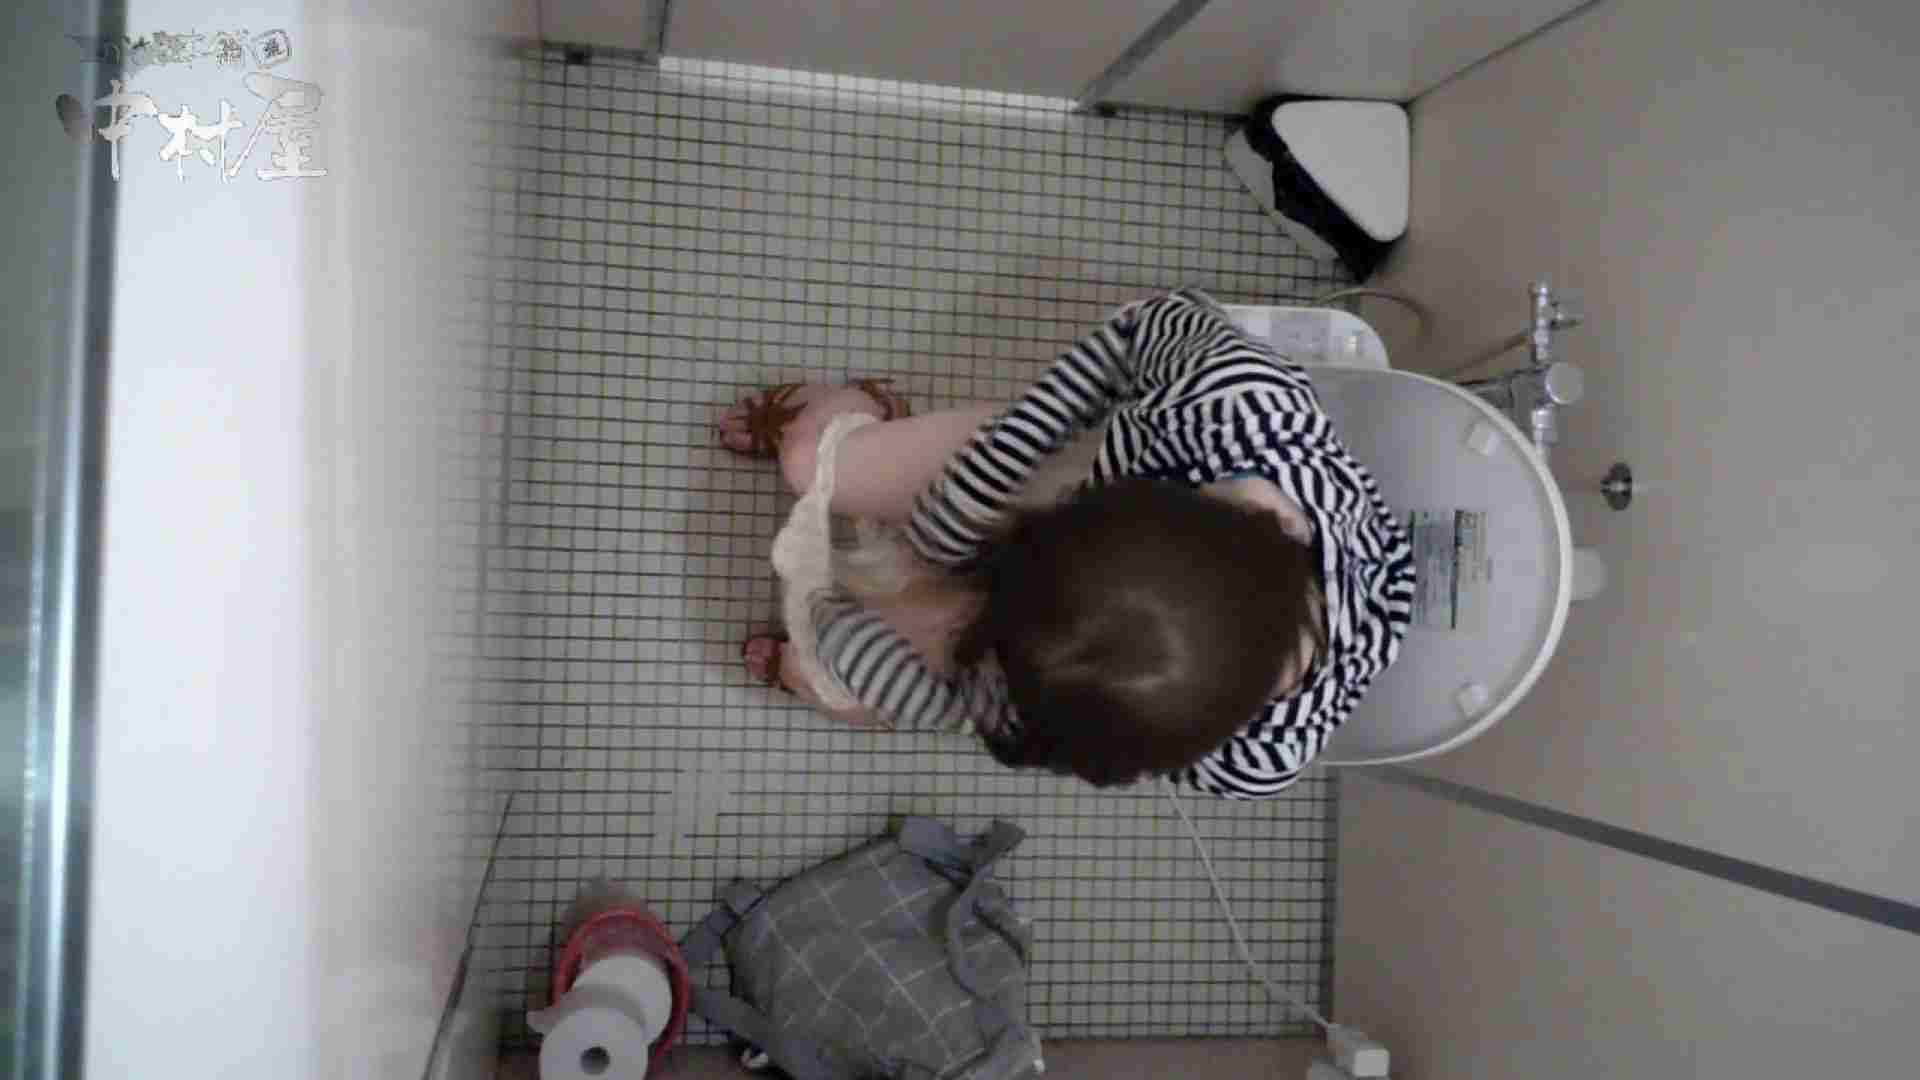 有名大学女性洗面所 Vol.52 ストッキングの最後の「くいっ!」がたまりません 潜入突撃 盗撮動画紹介 83pic 13